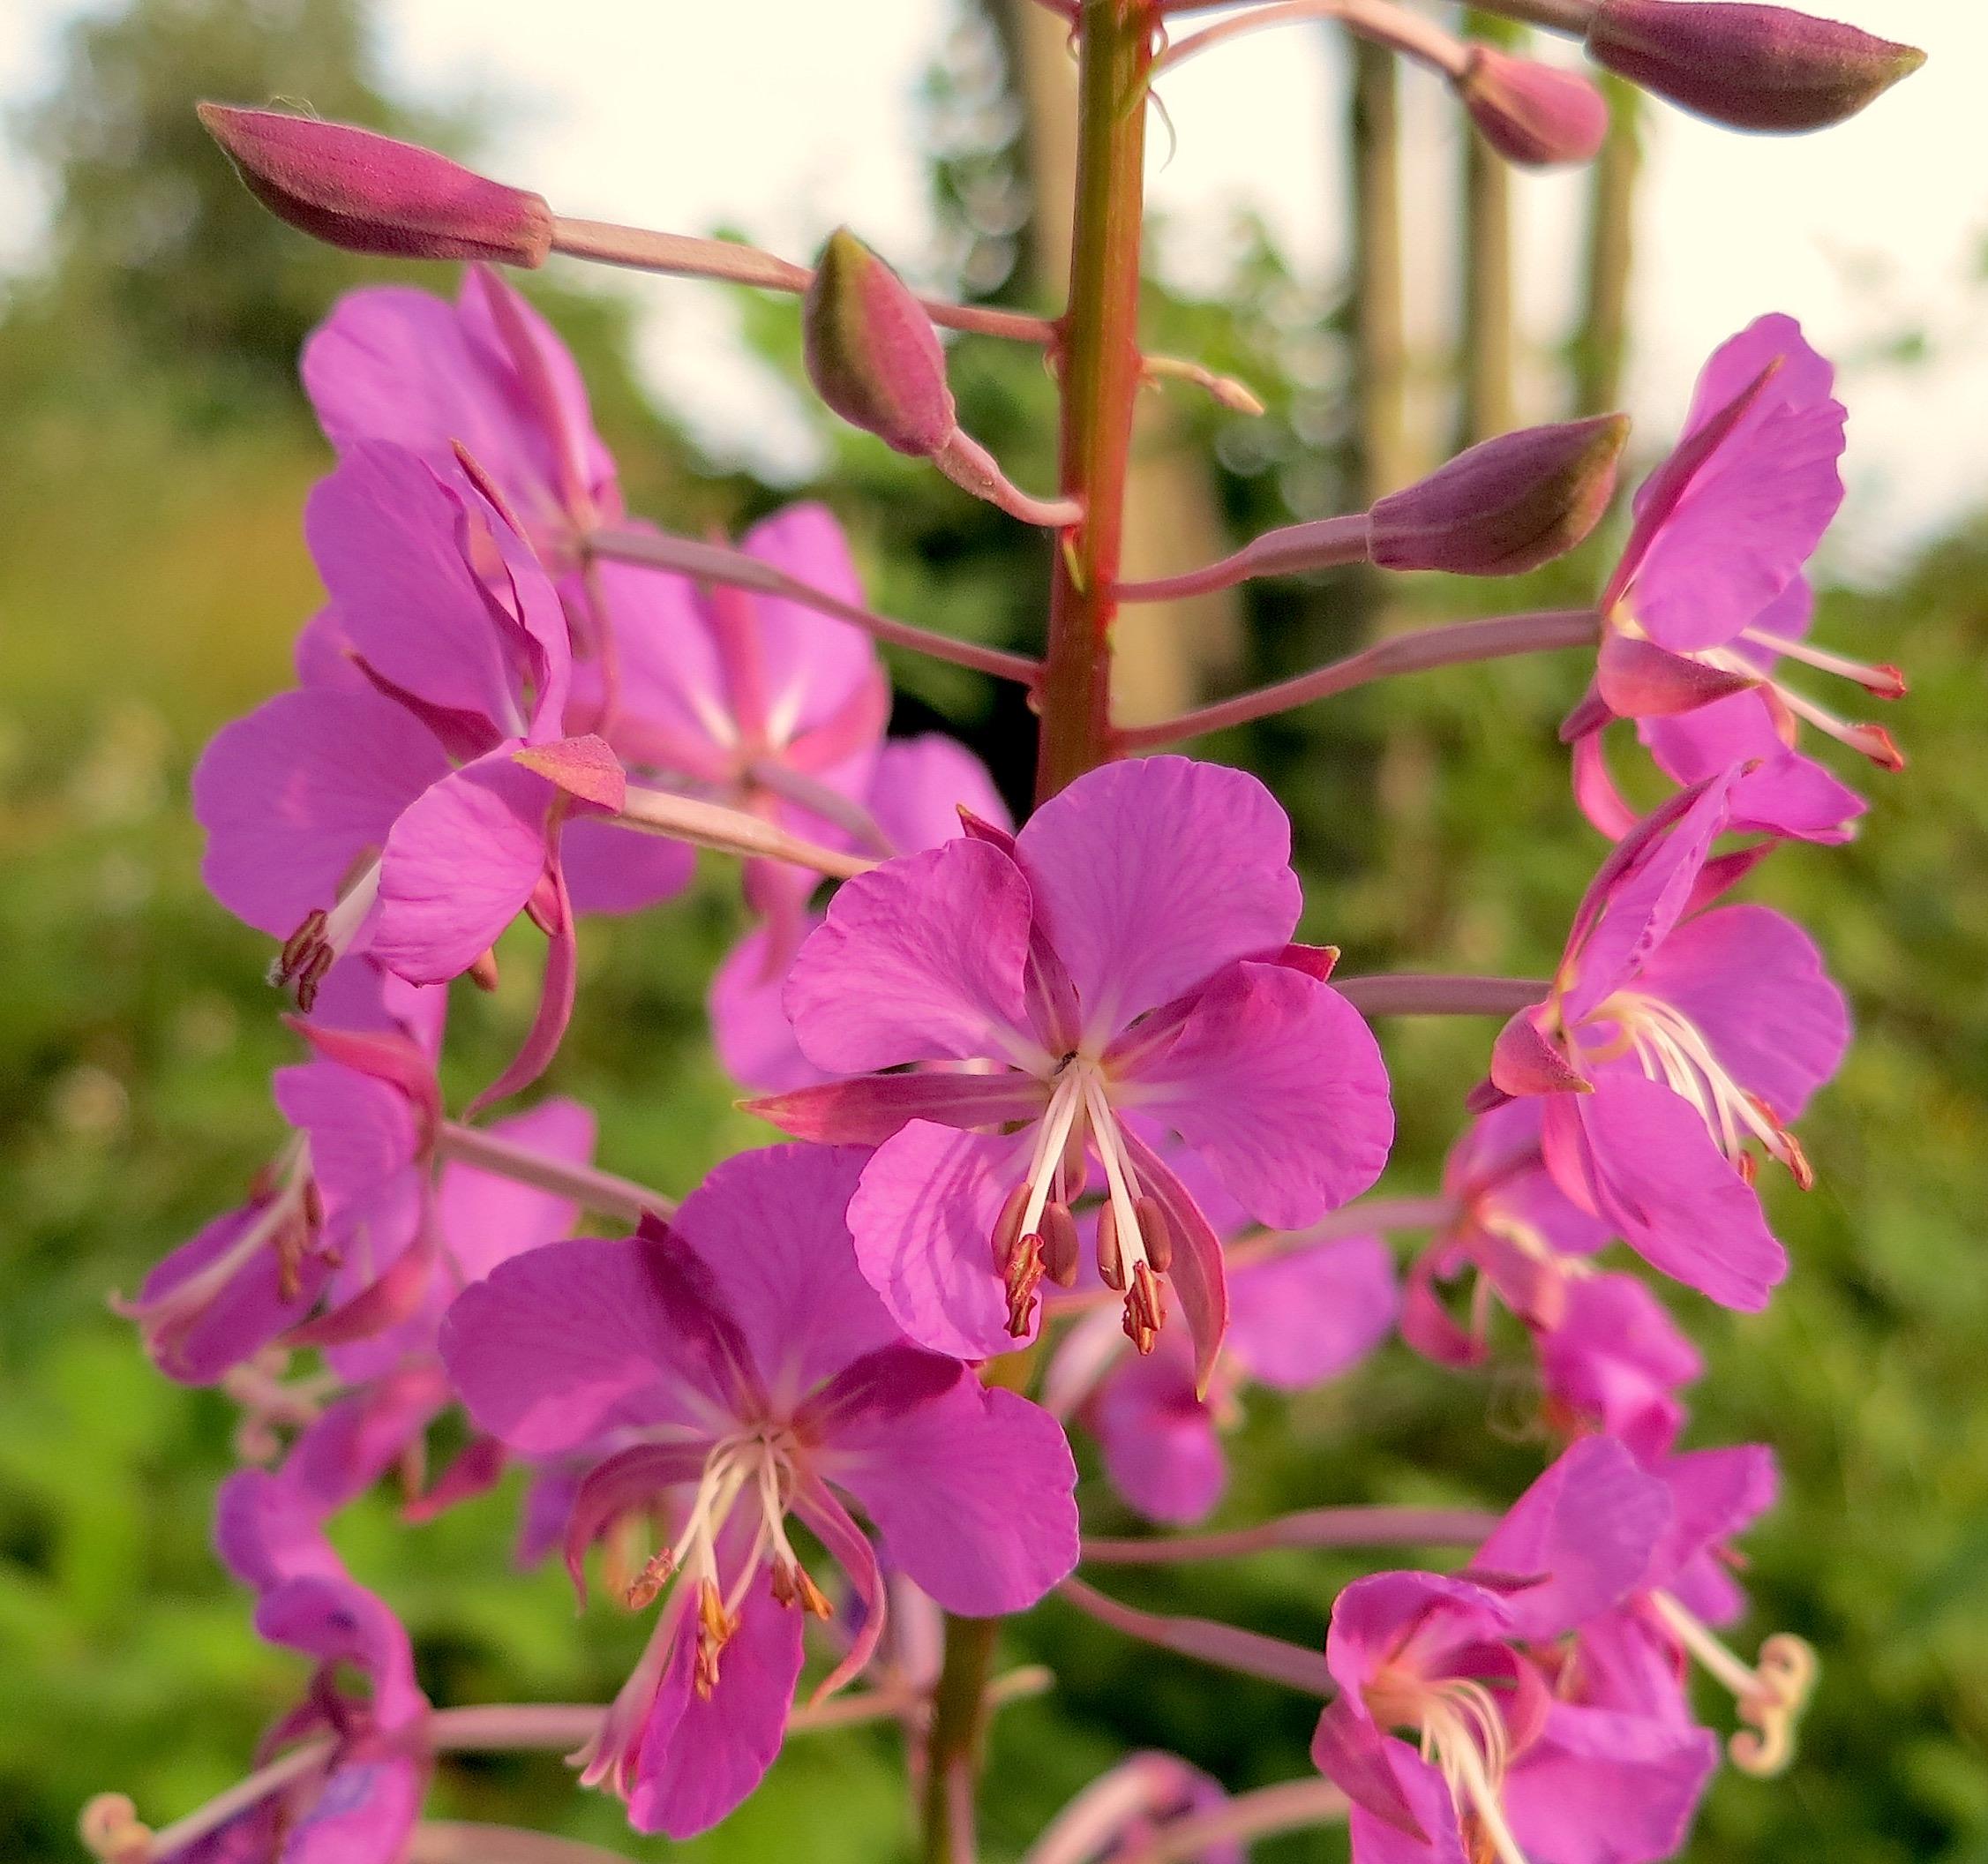 pinkweed